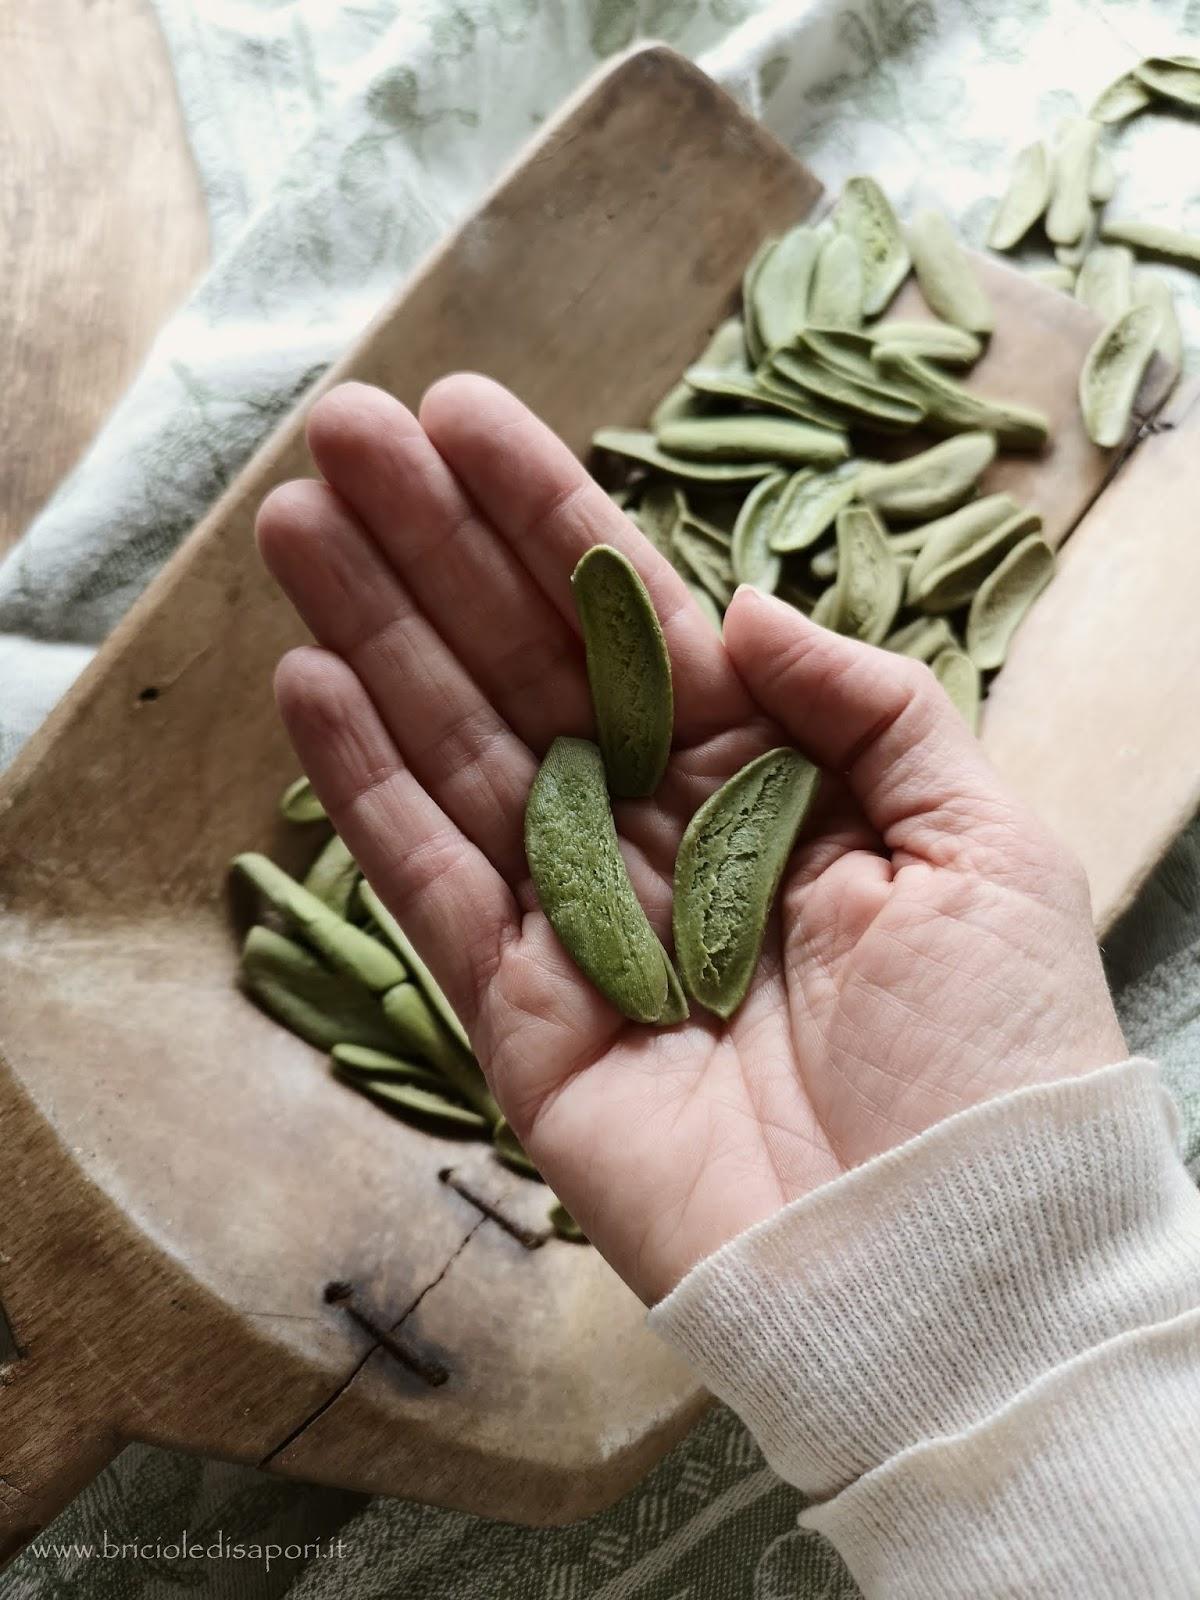 pasta foglia d'ulivo